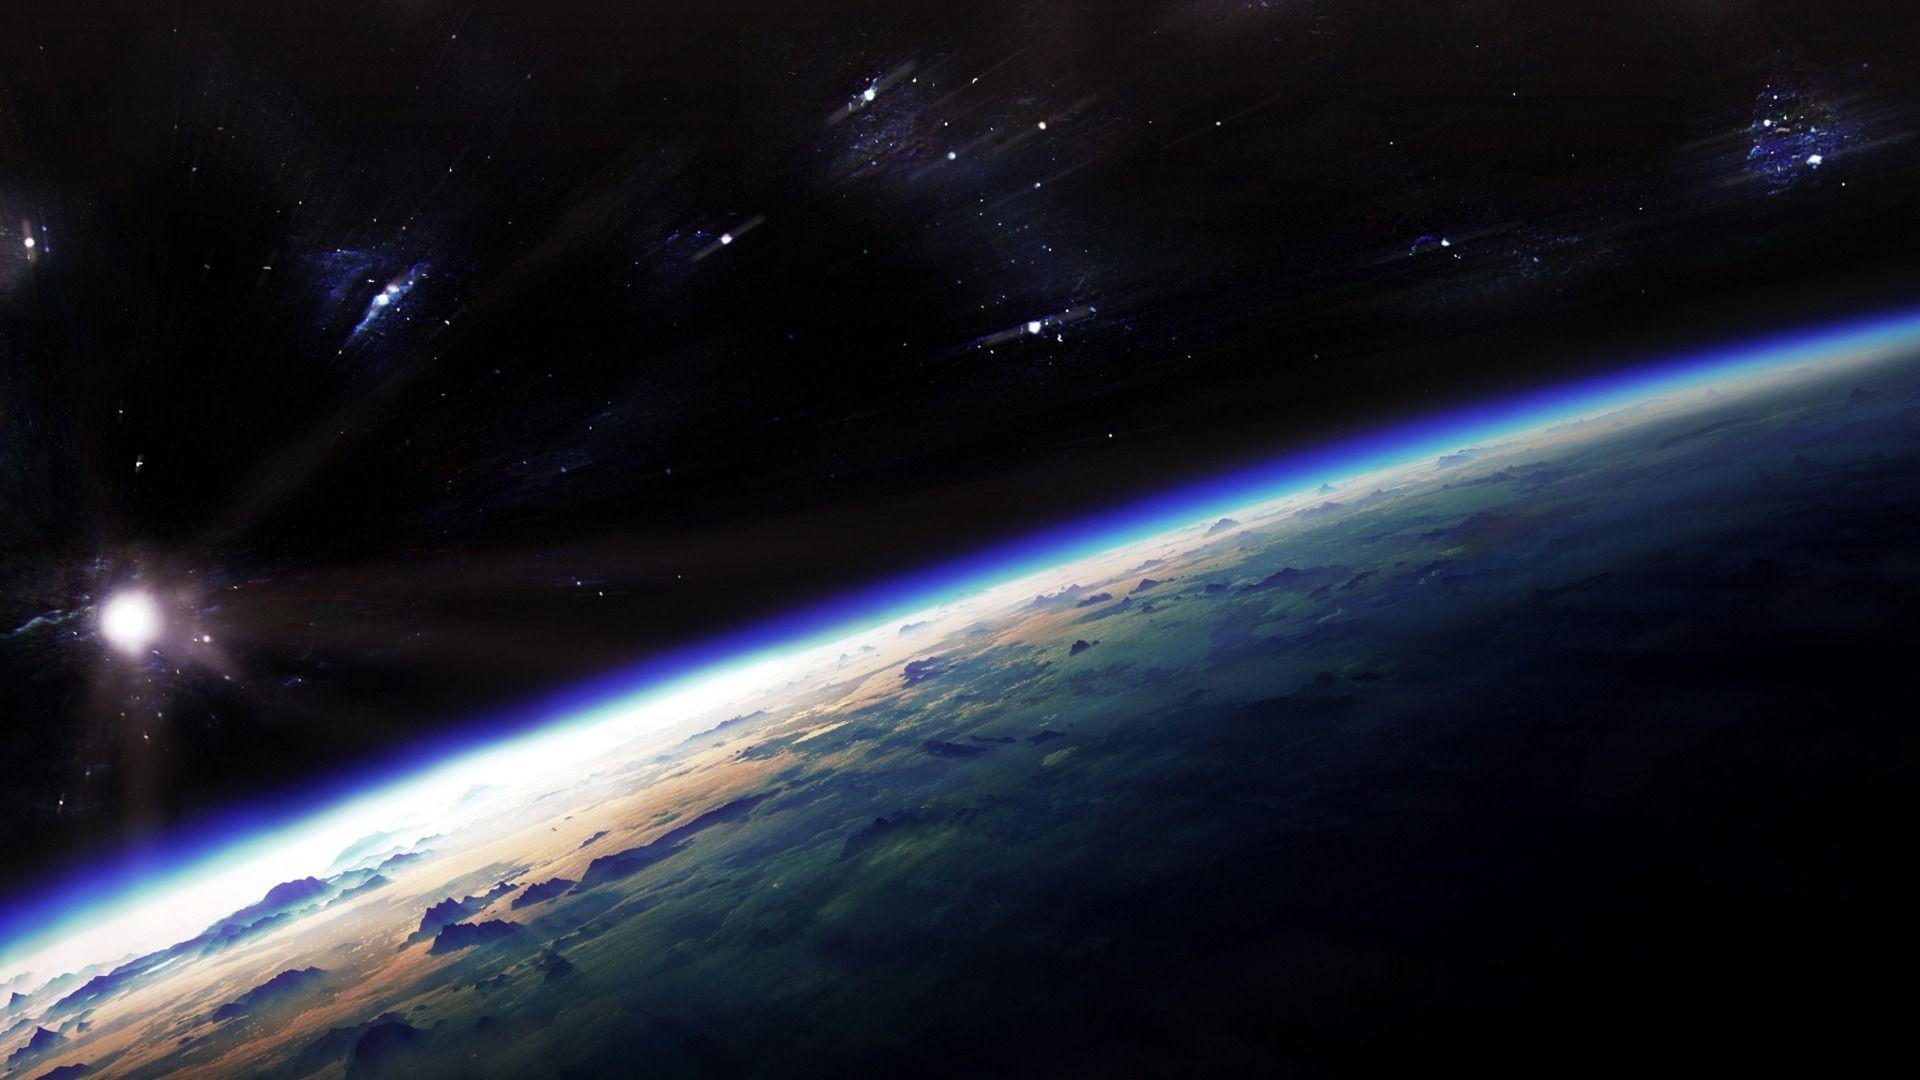 Dark-Blue-Full-HD-Space-Wallpapers.jpg